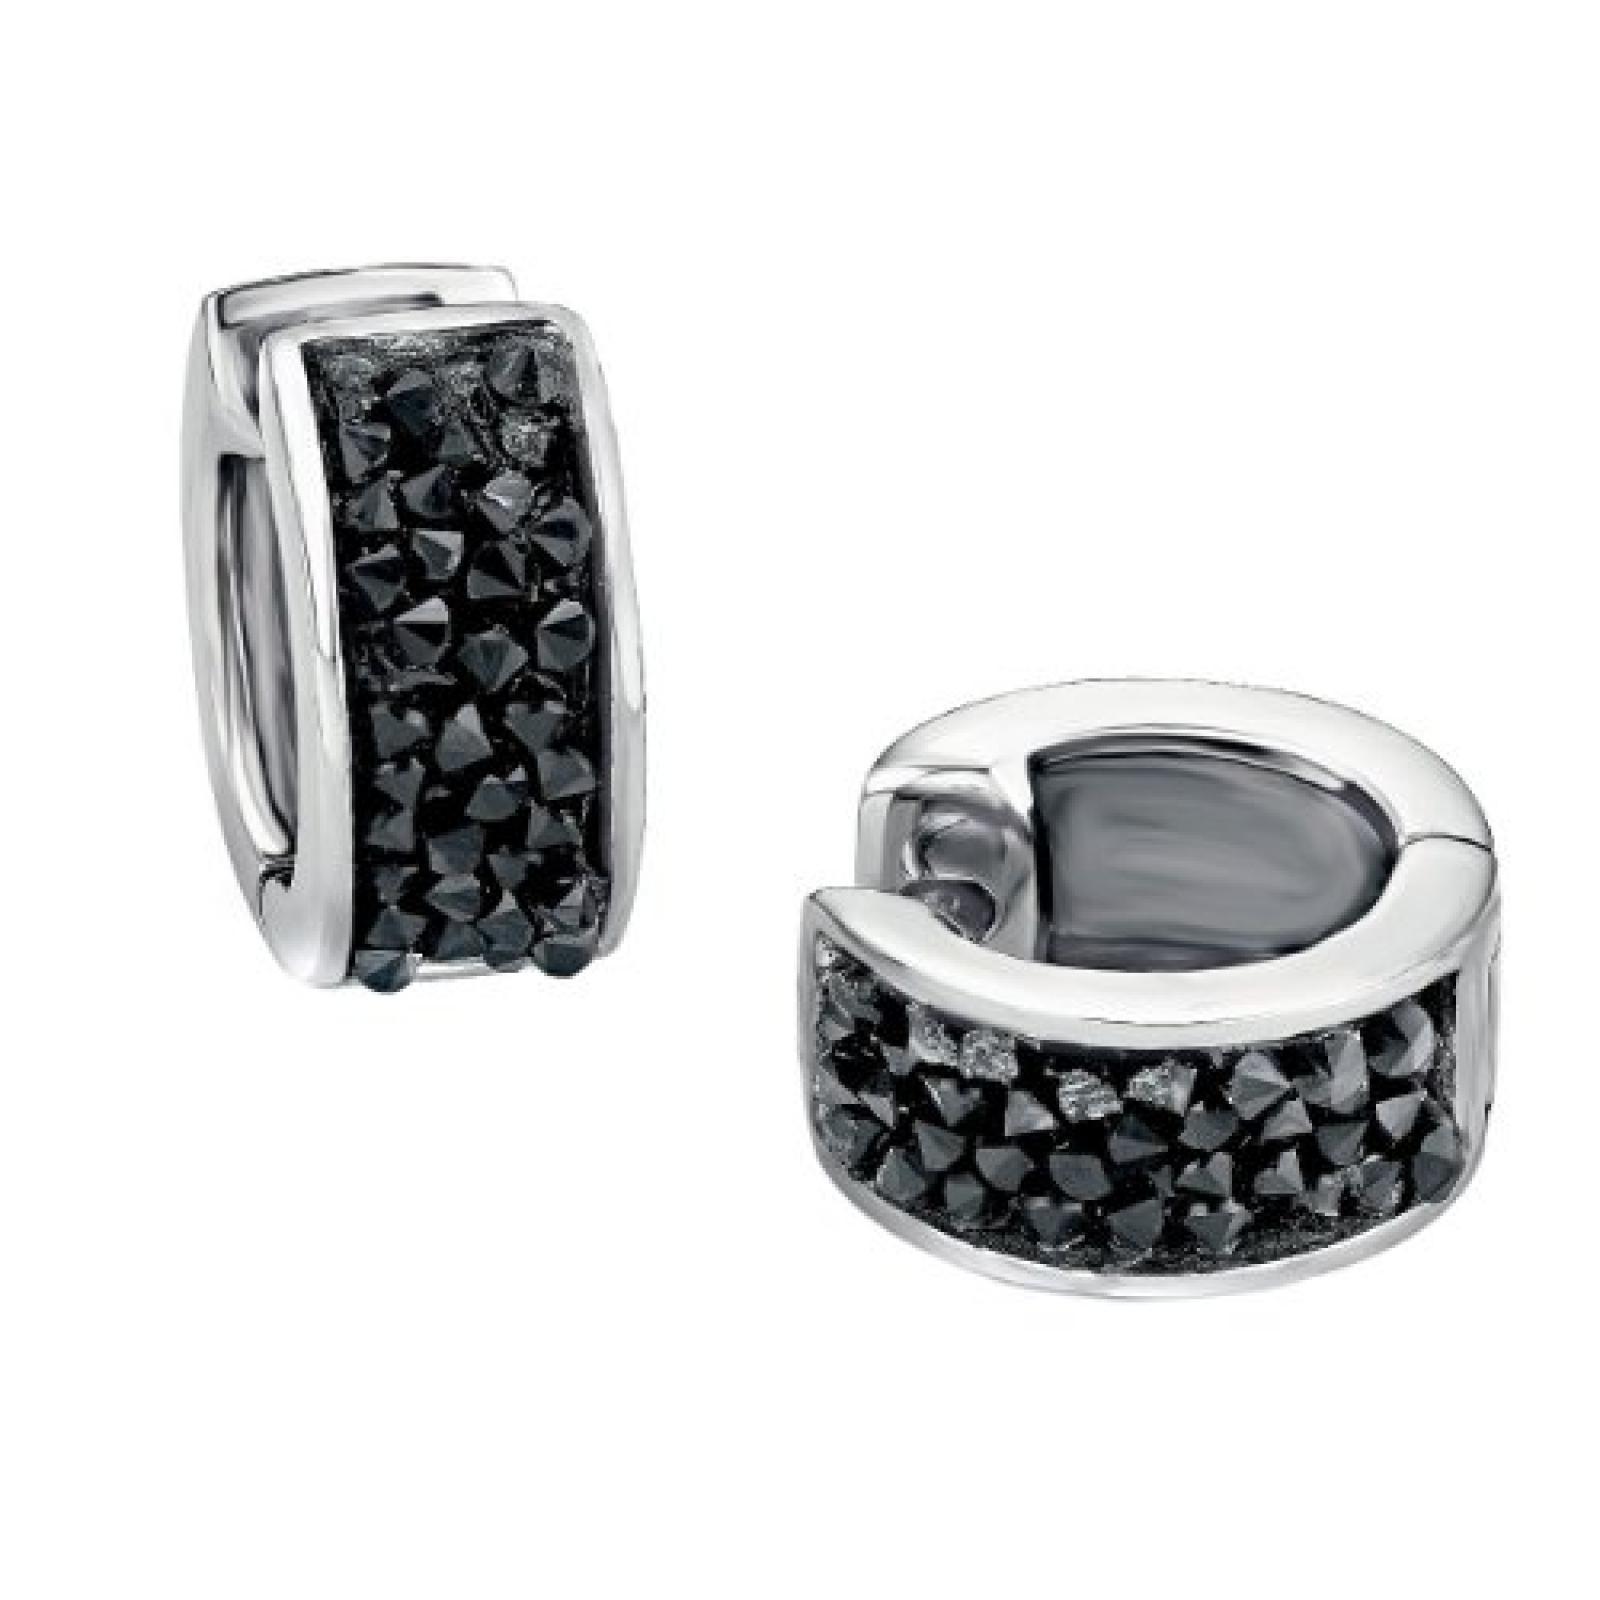 s.Oliver Damen-Creolen Edelstahl Swarovski-Kristall schwarz 463324